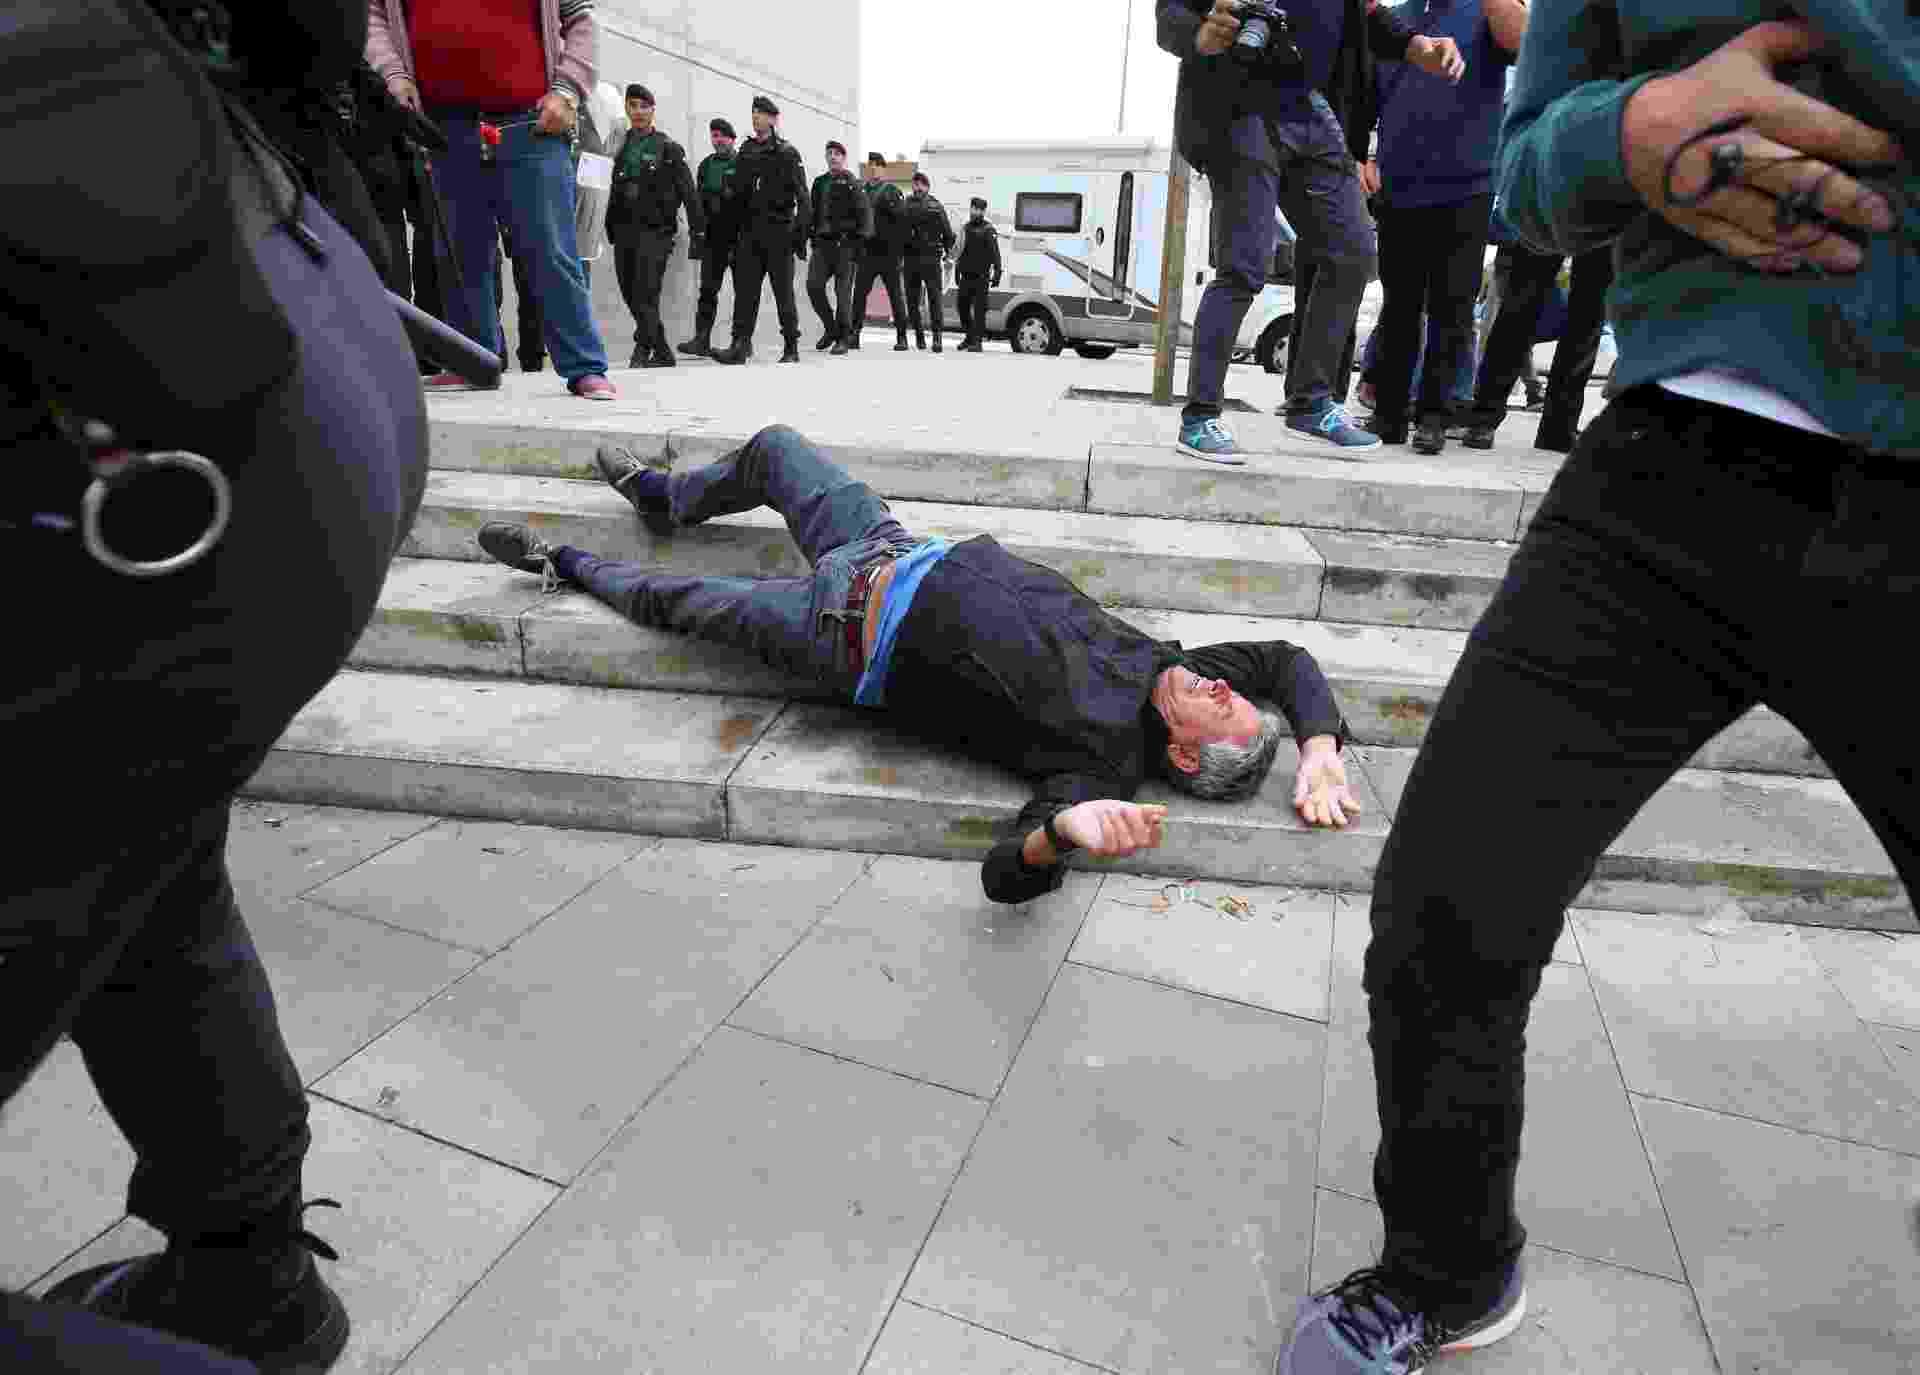 1º.out.2017 - Homem cai durante os confrontos da Guarda Civil espanhola e população na cidade de Sant Julia de Ramis - Albert Gea/Reuters